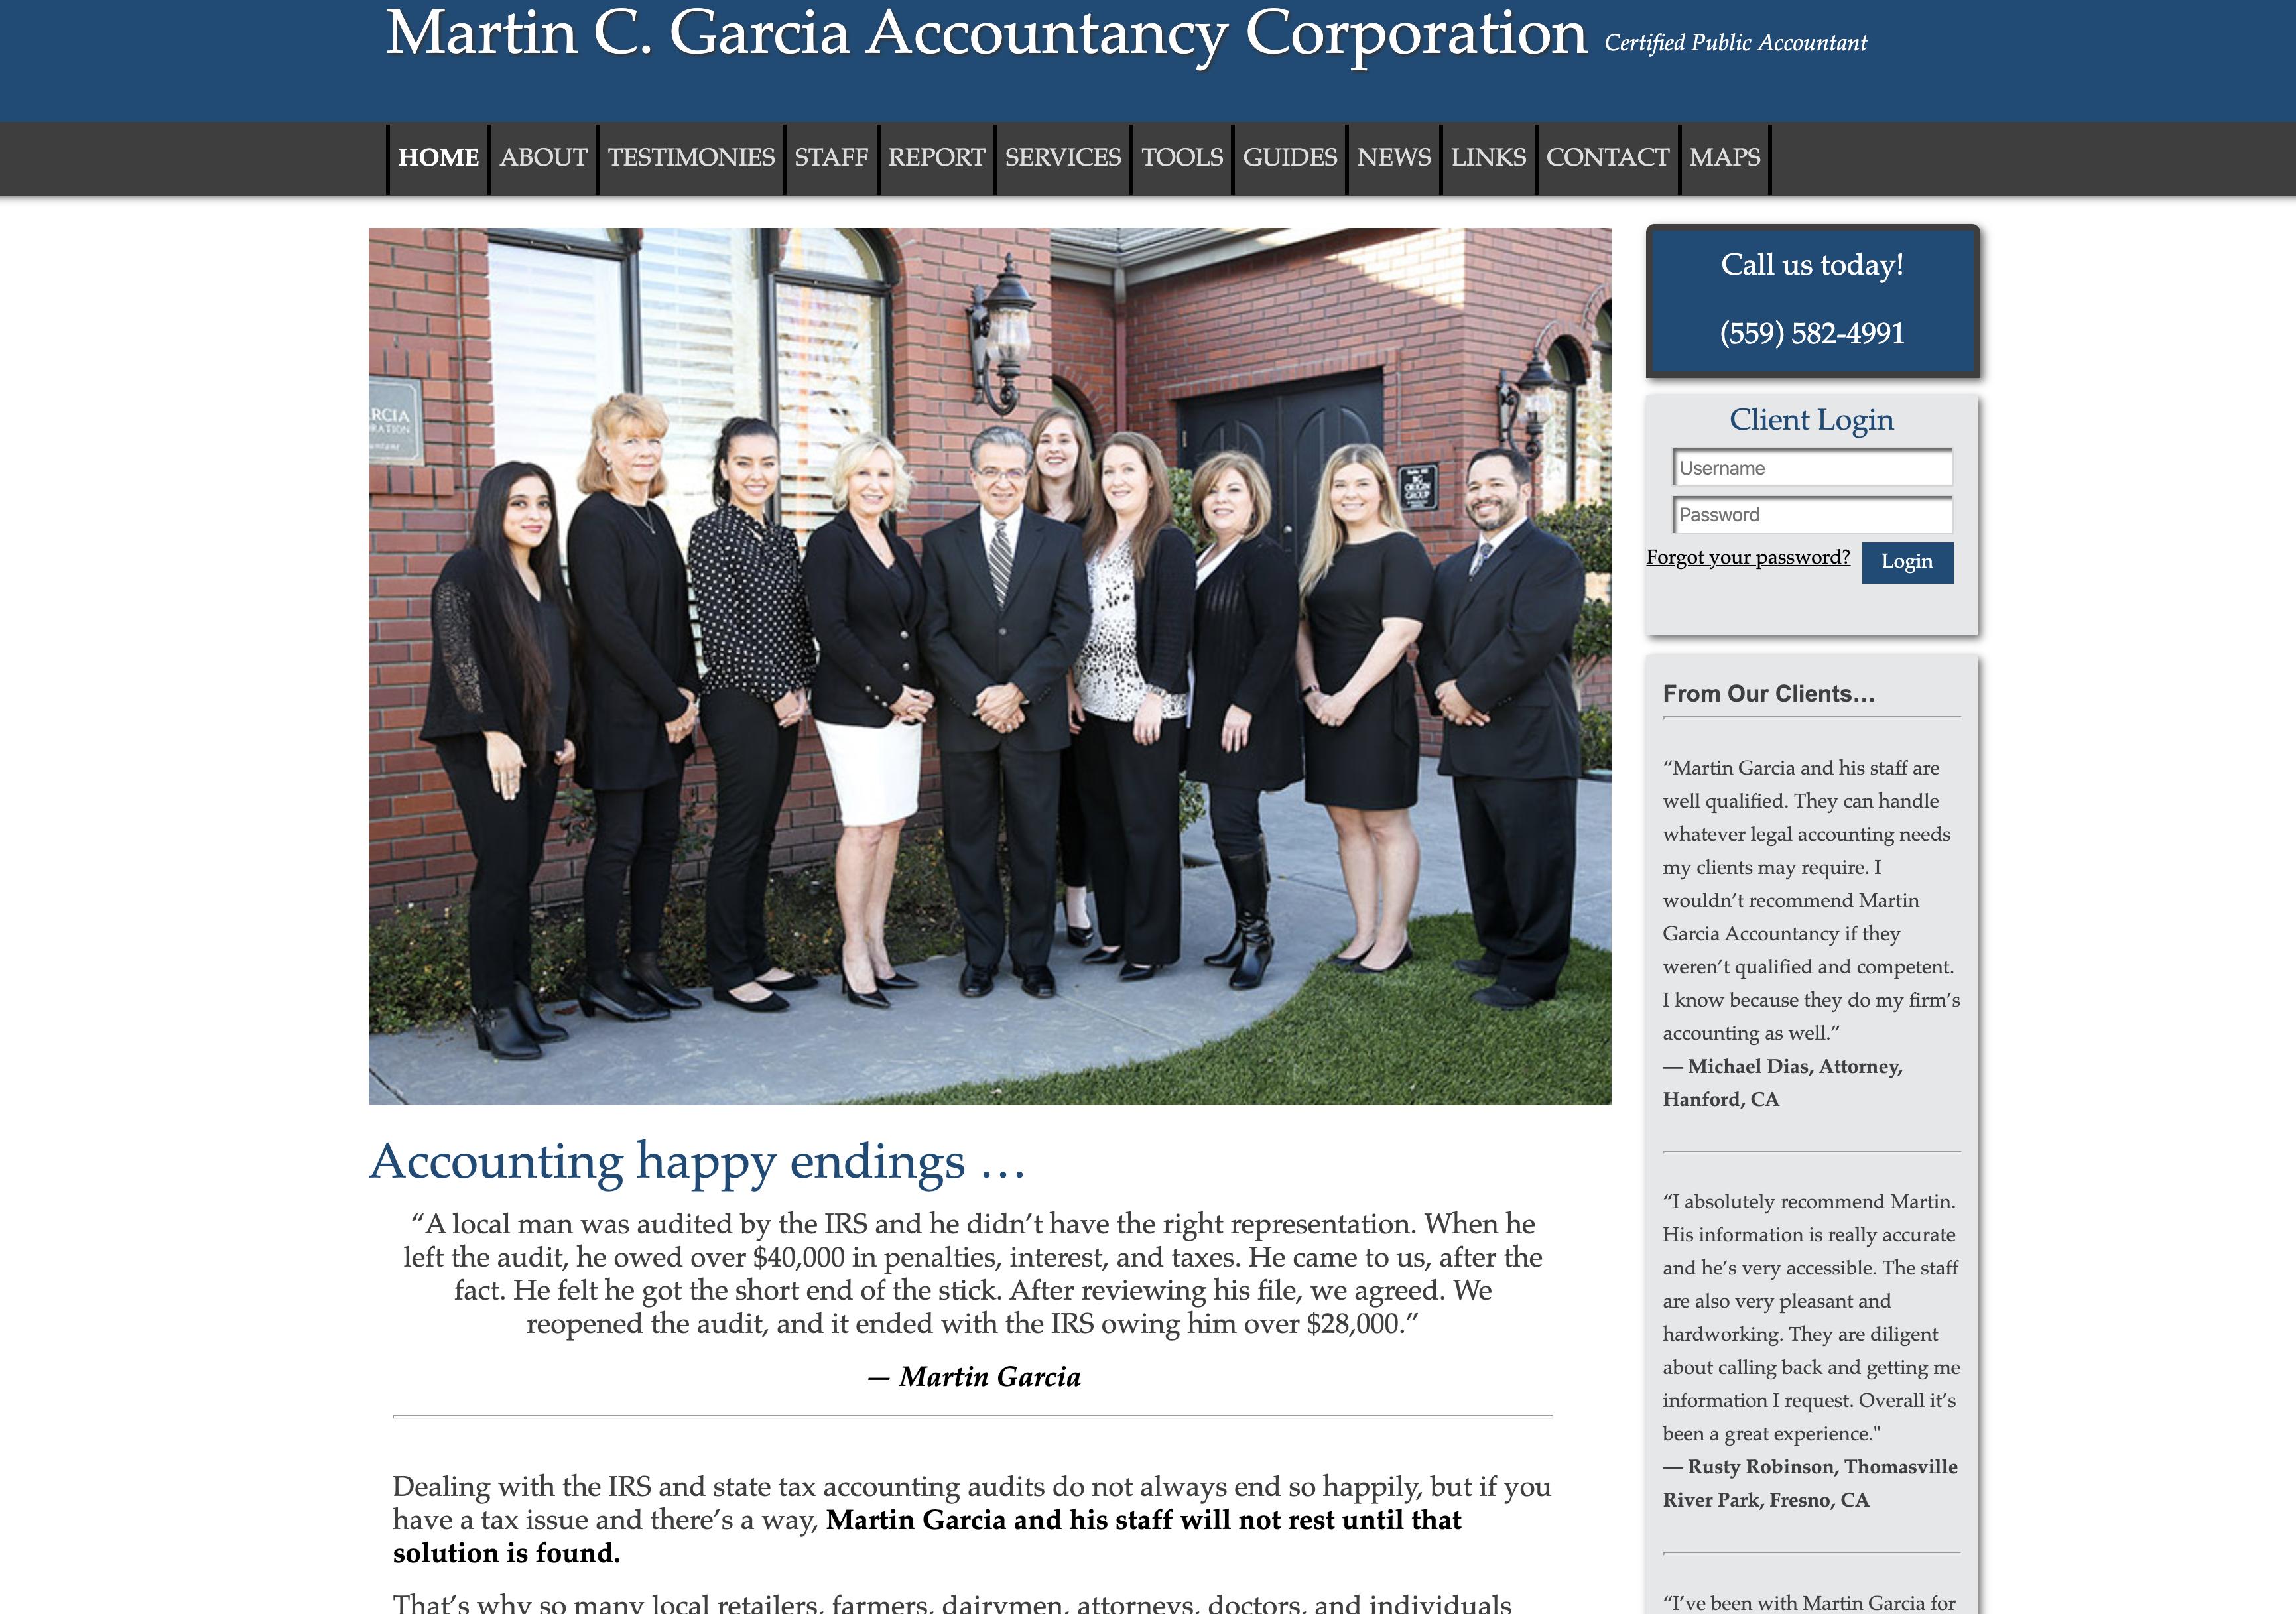 Martin C. Garcia Accountancy